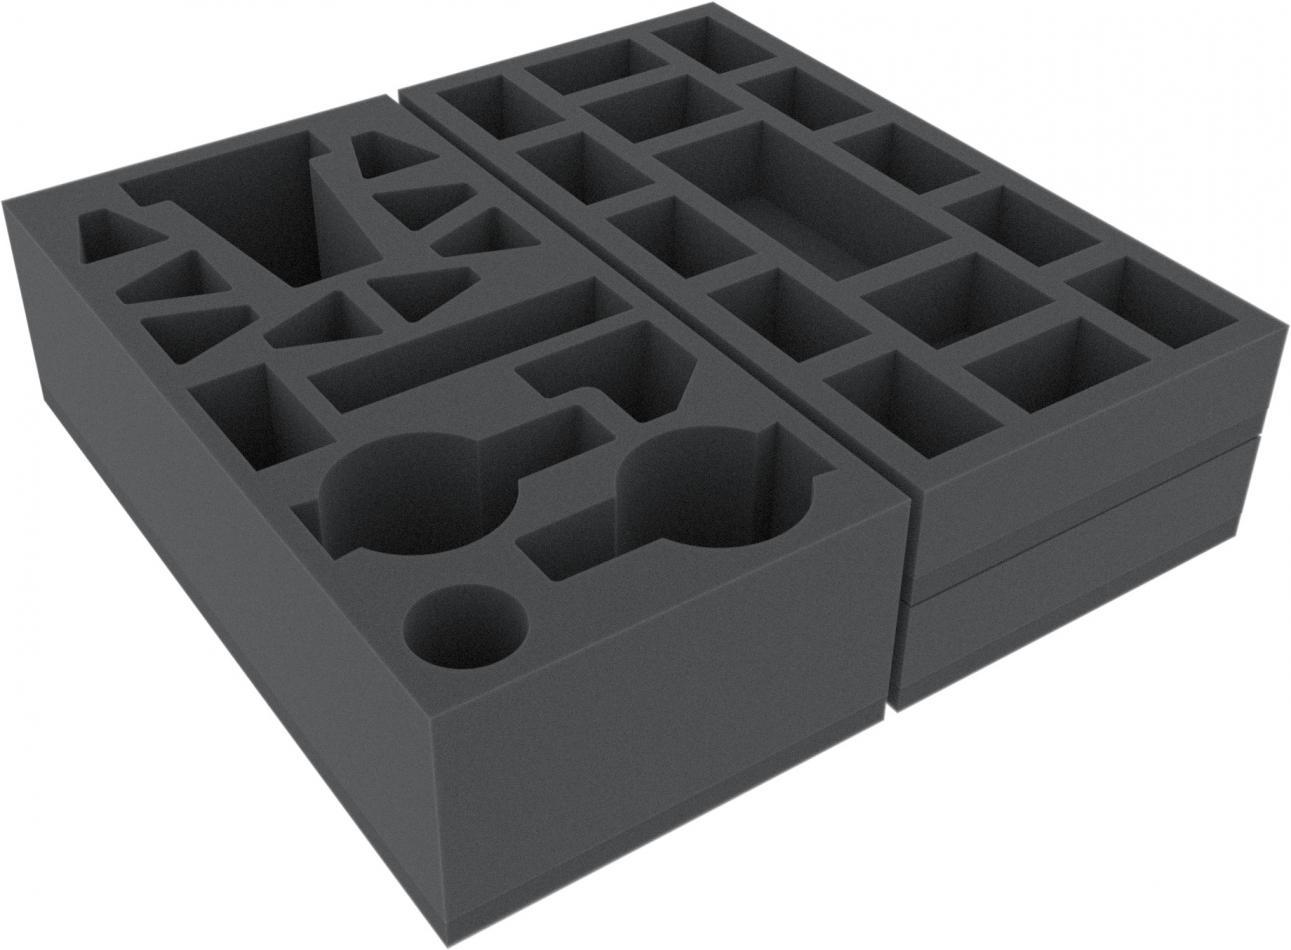 Feldherr foam kit for Star Wars Legion core box